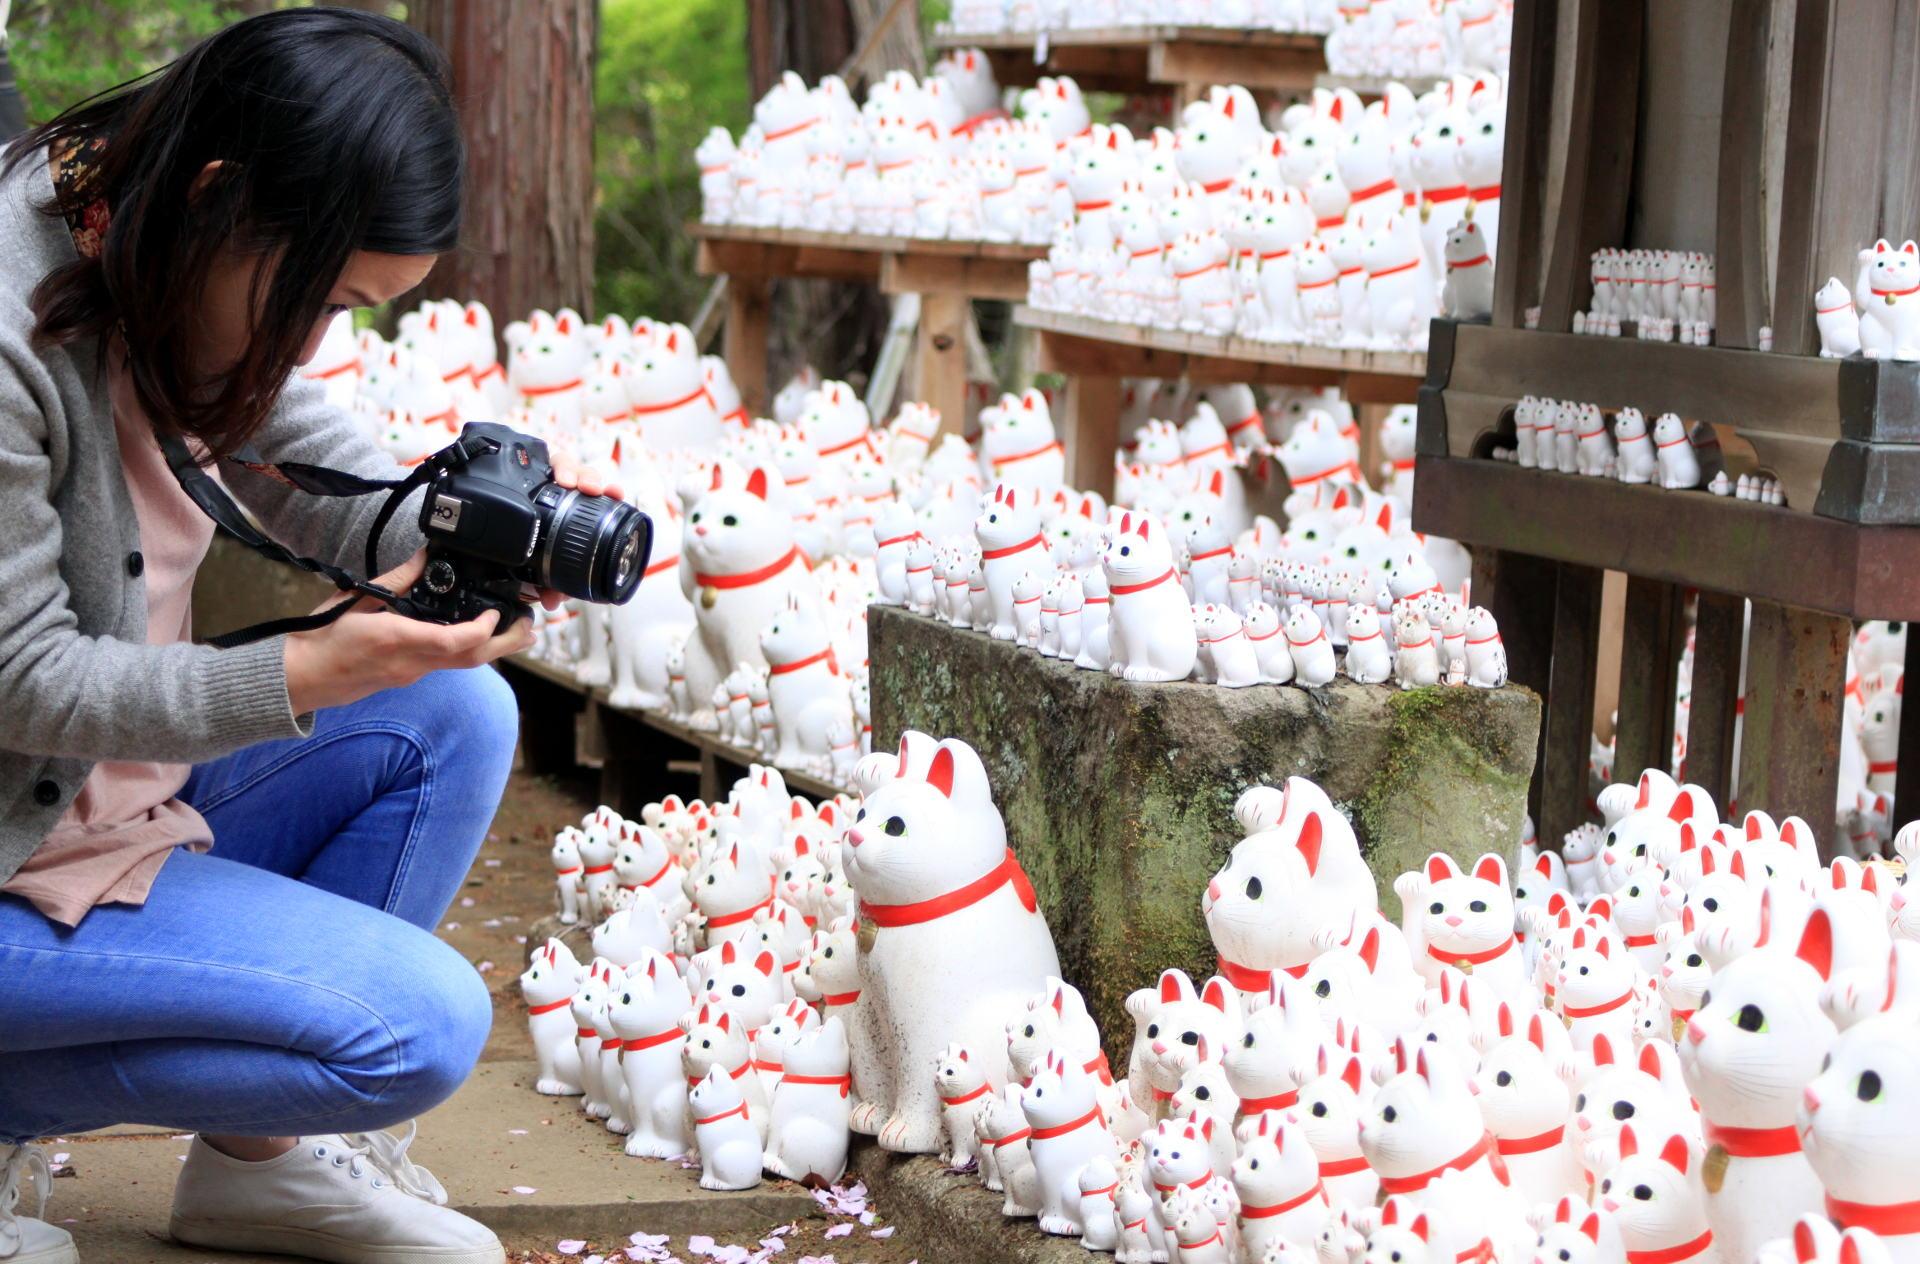 świątynia Gotokuji w Tokio, 'Szczęśliwy Kot' iglawpodrozy